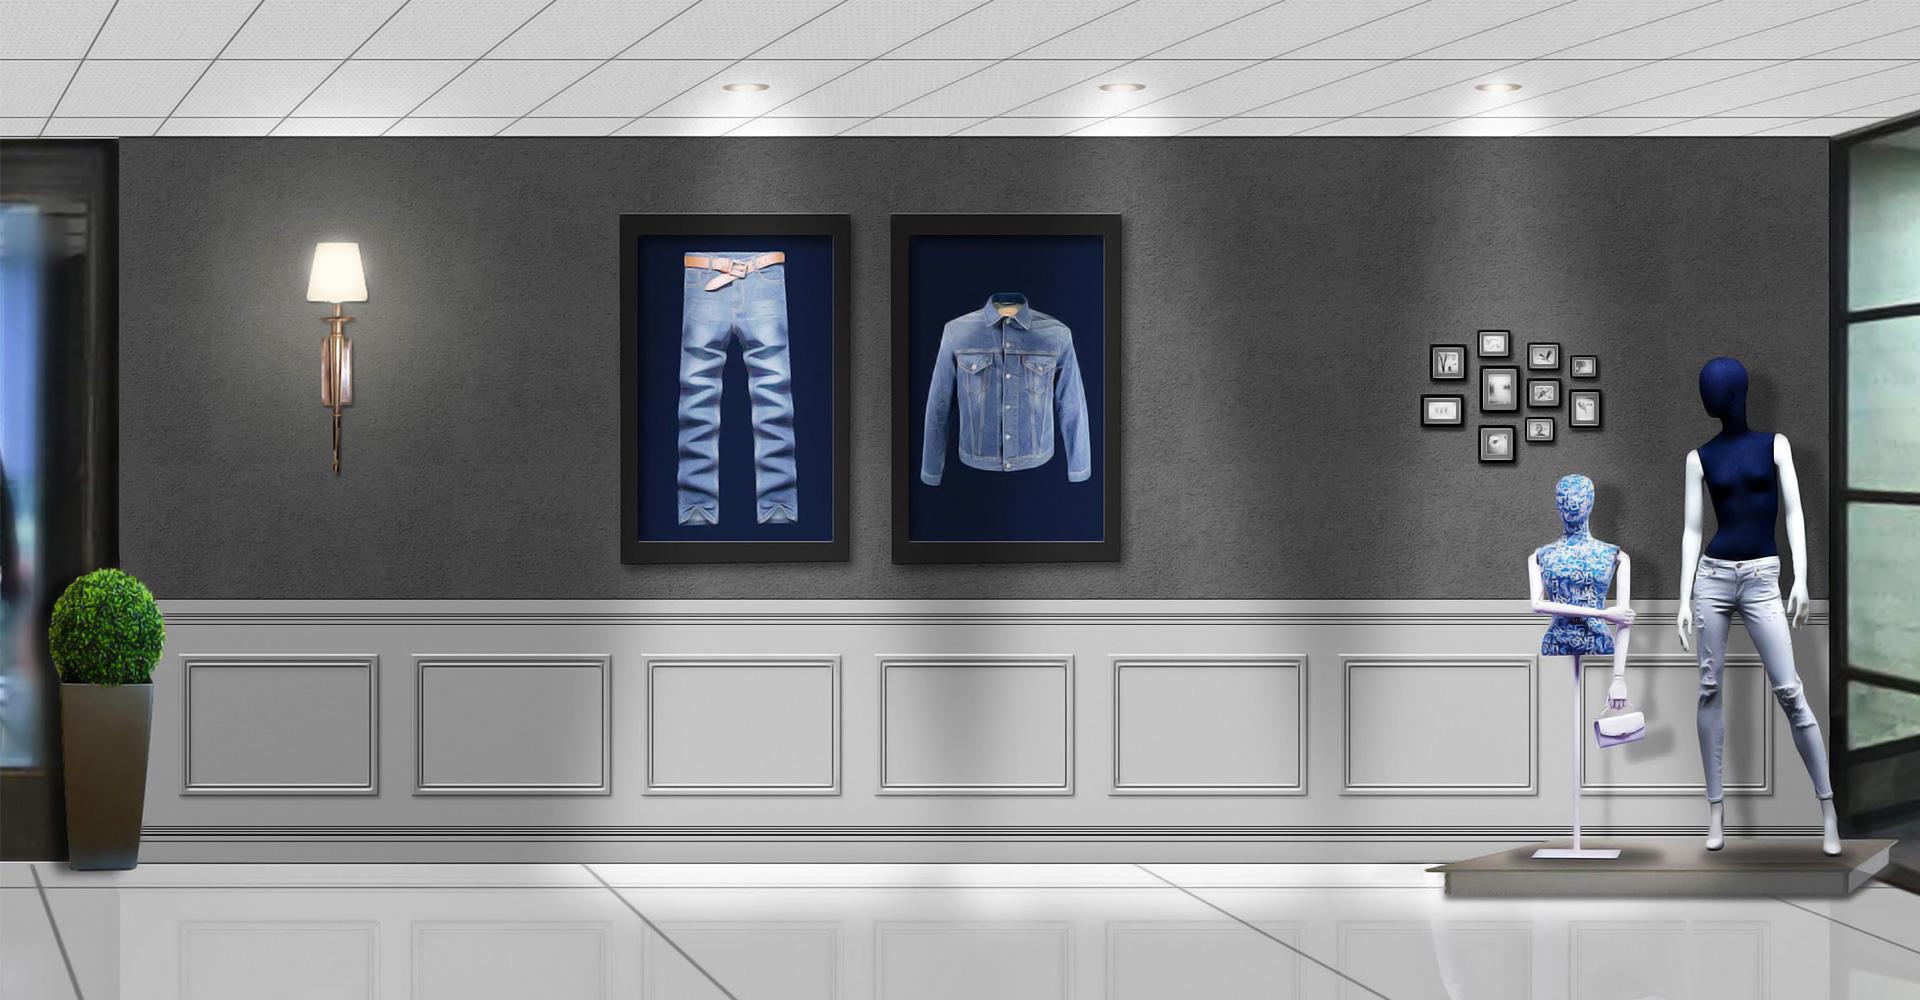 Office-Interior-Design-Hiline-Lahore-portfolio-us-apparel-head-office-02